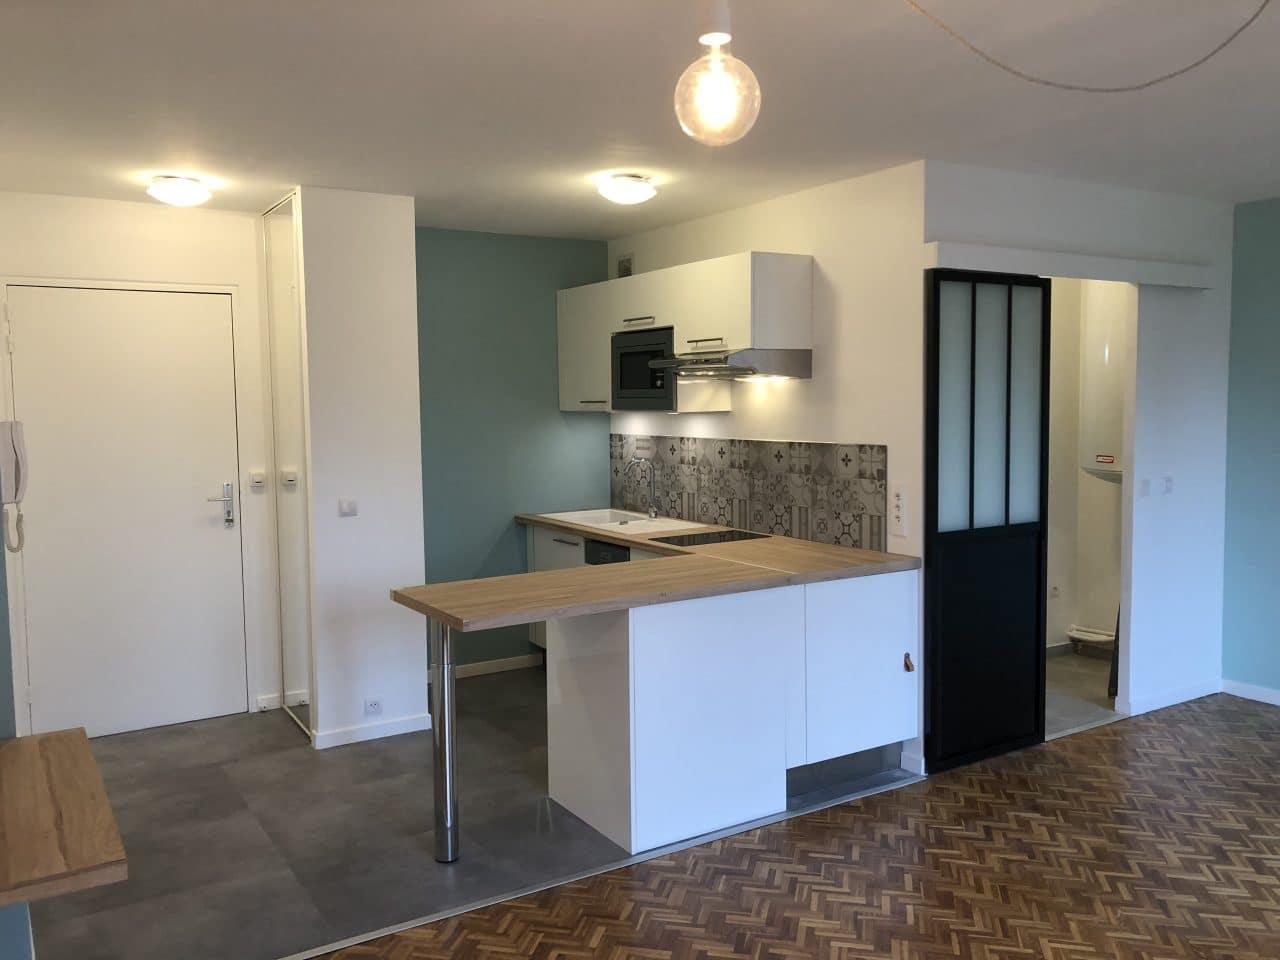 rénovation d'appartements à Lyon